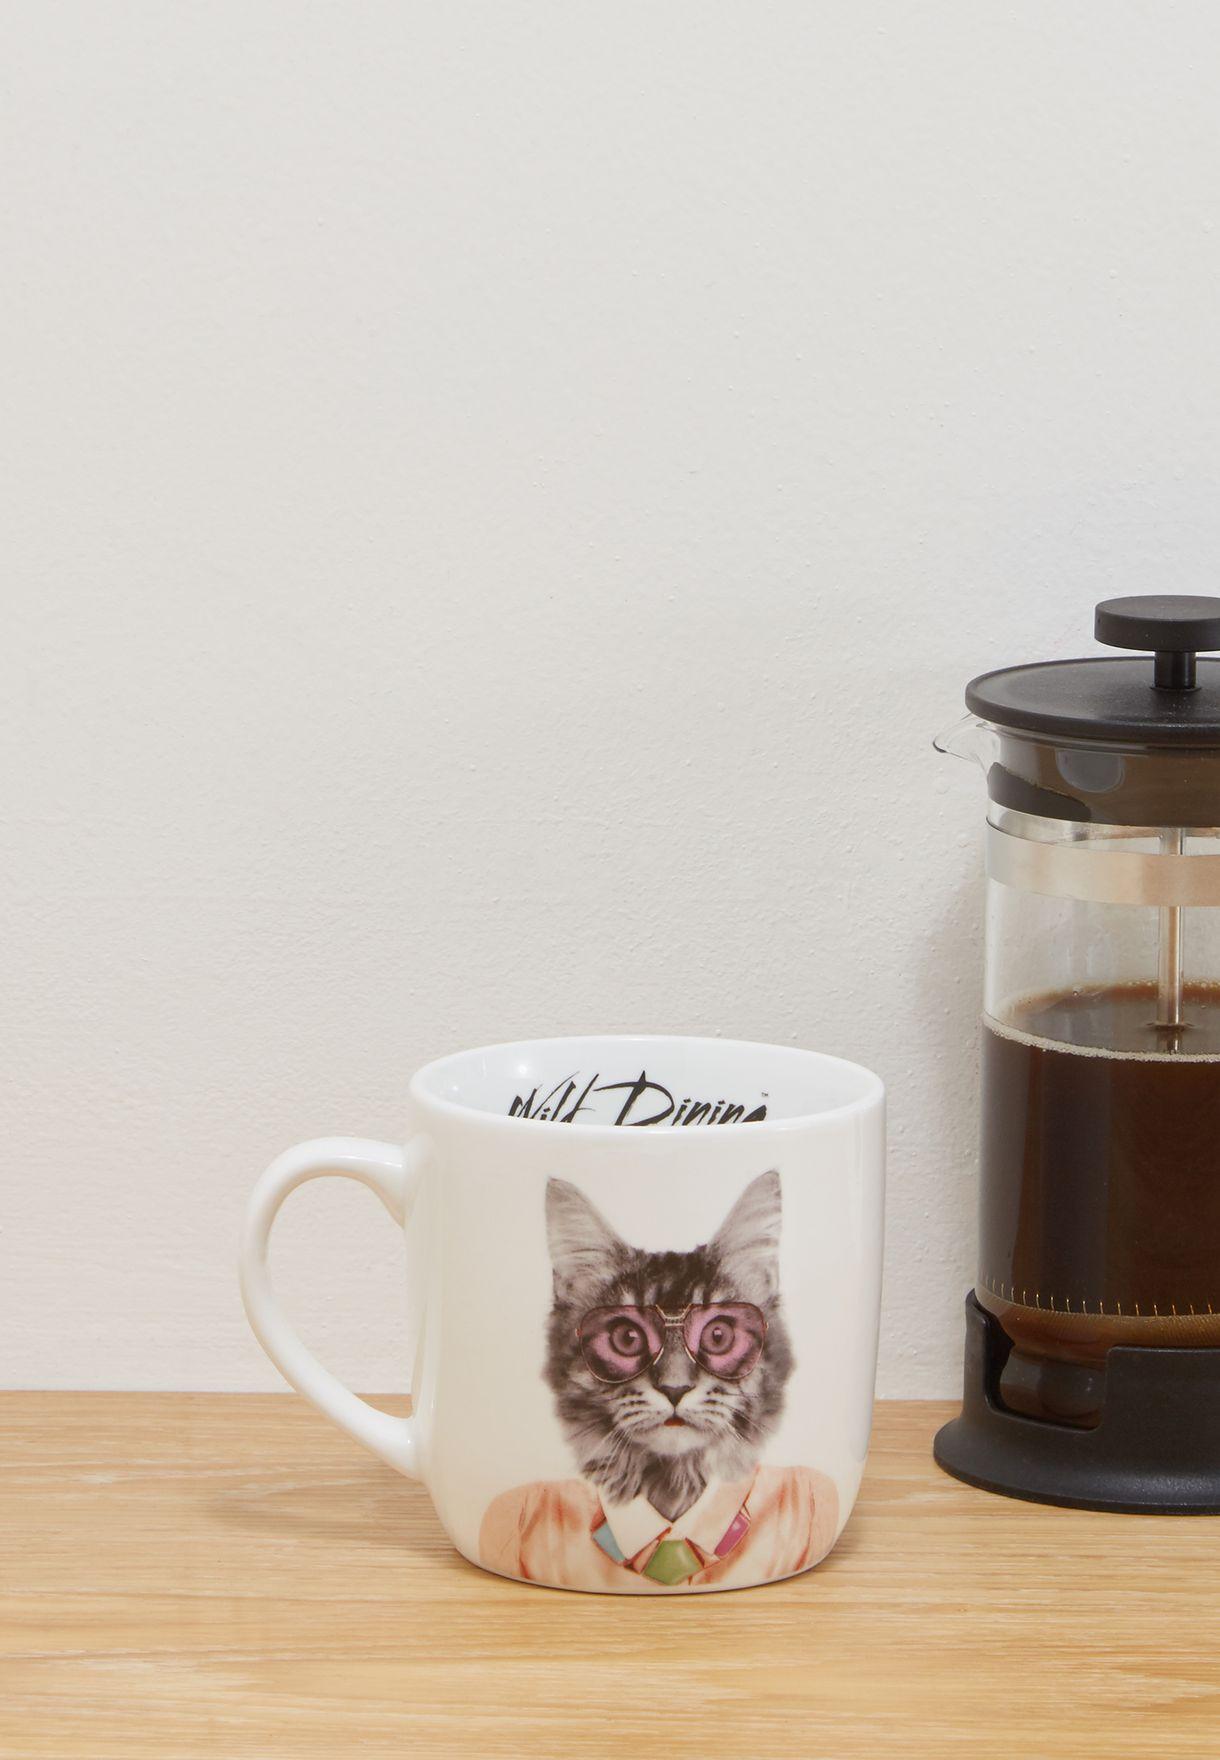 Dining Mug - Cat